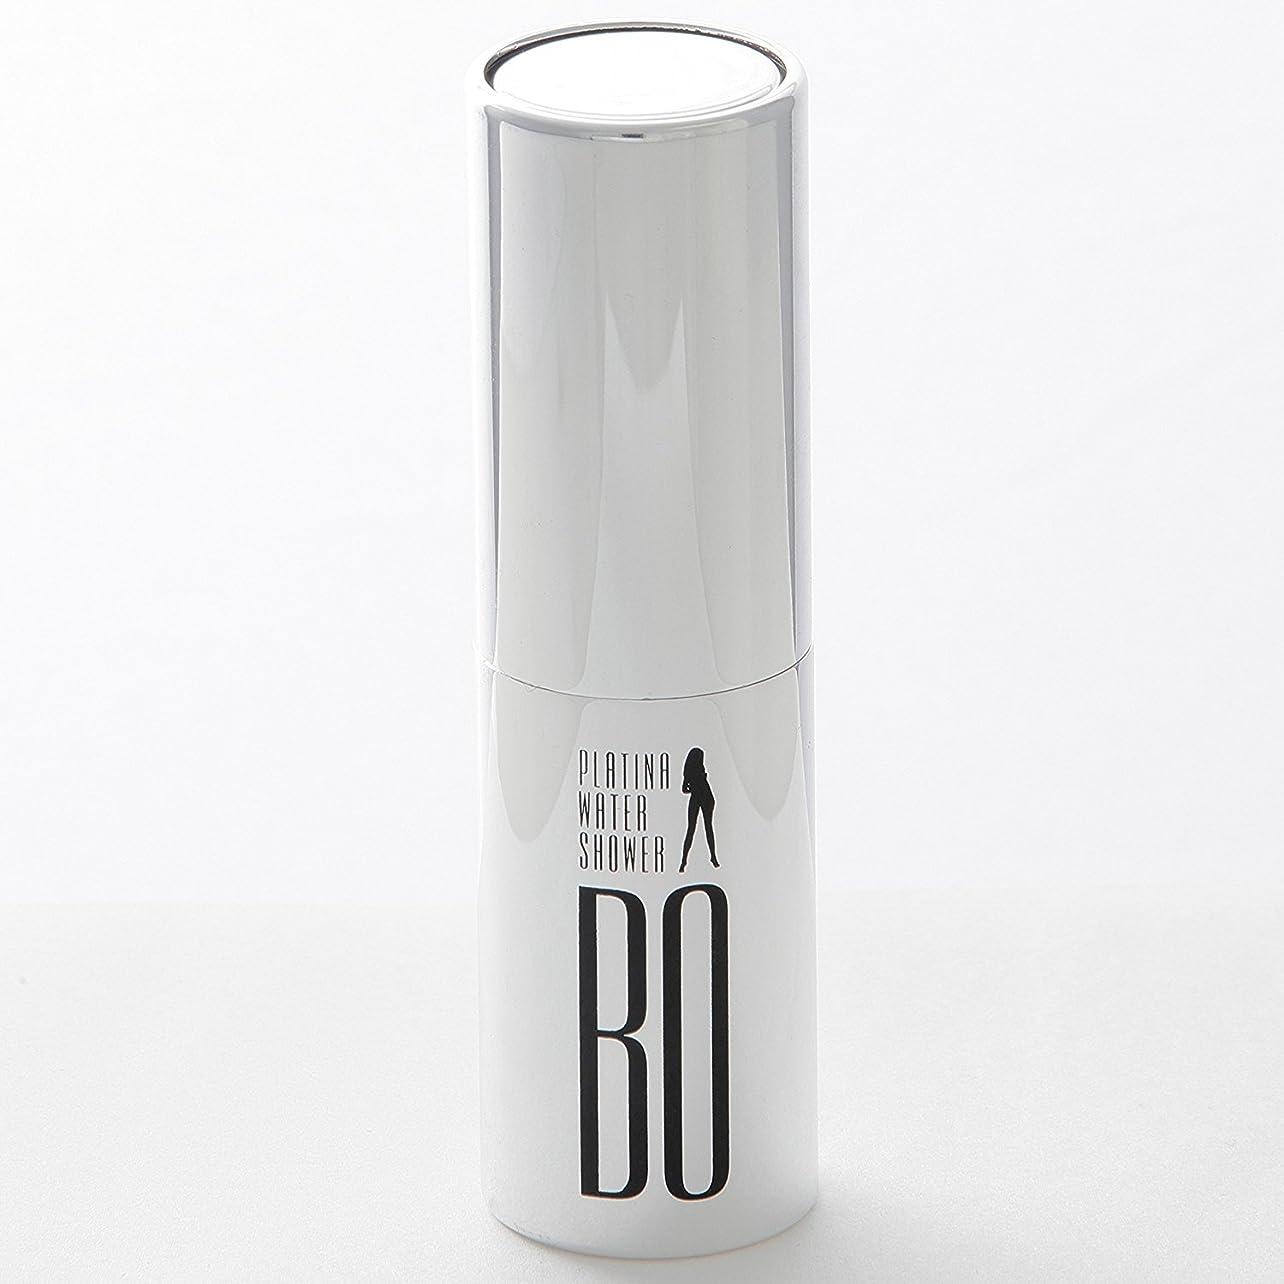 痛みマラウイ実行BO PLATINA WATER SHOWER 20ml ナノプラチナ 消臭 除菌99.9% ニオイ戻りゼロ ヘアートリートメント